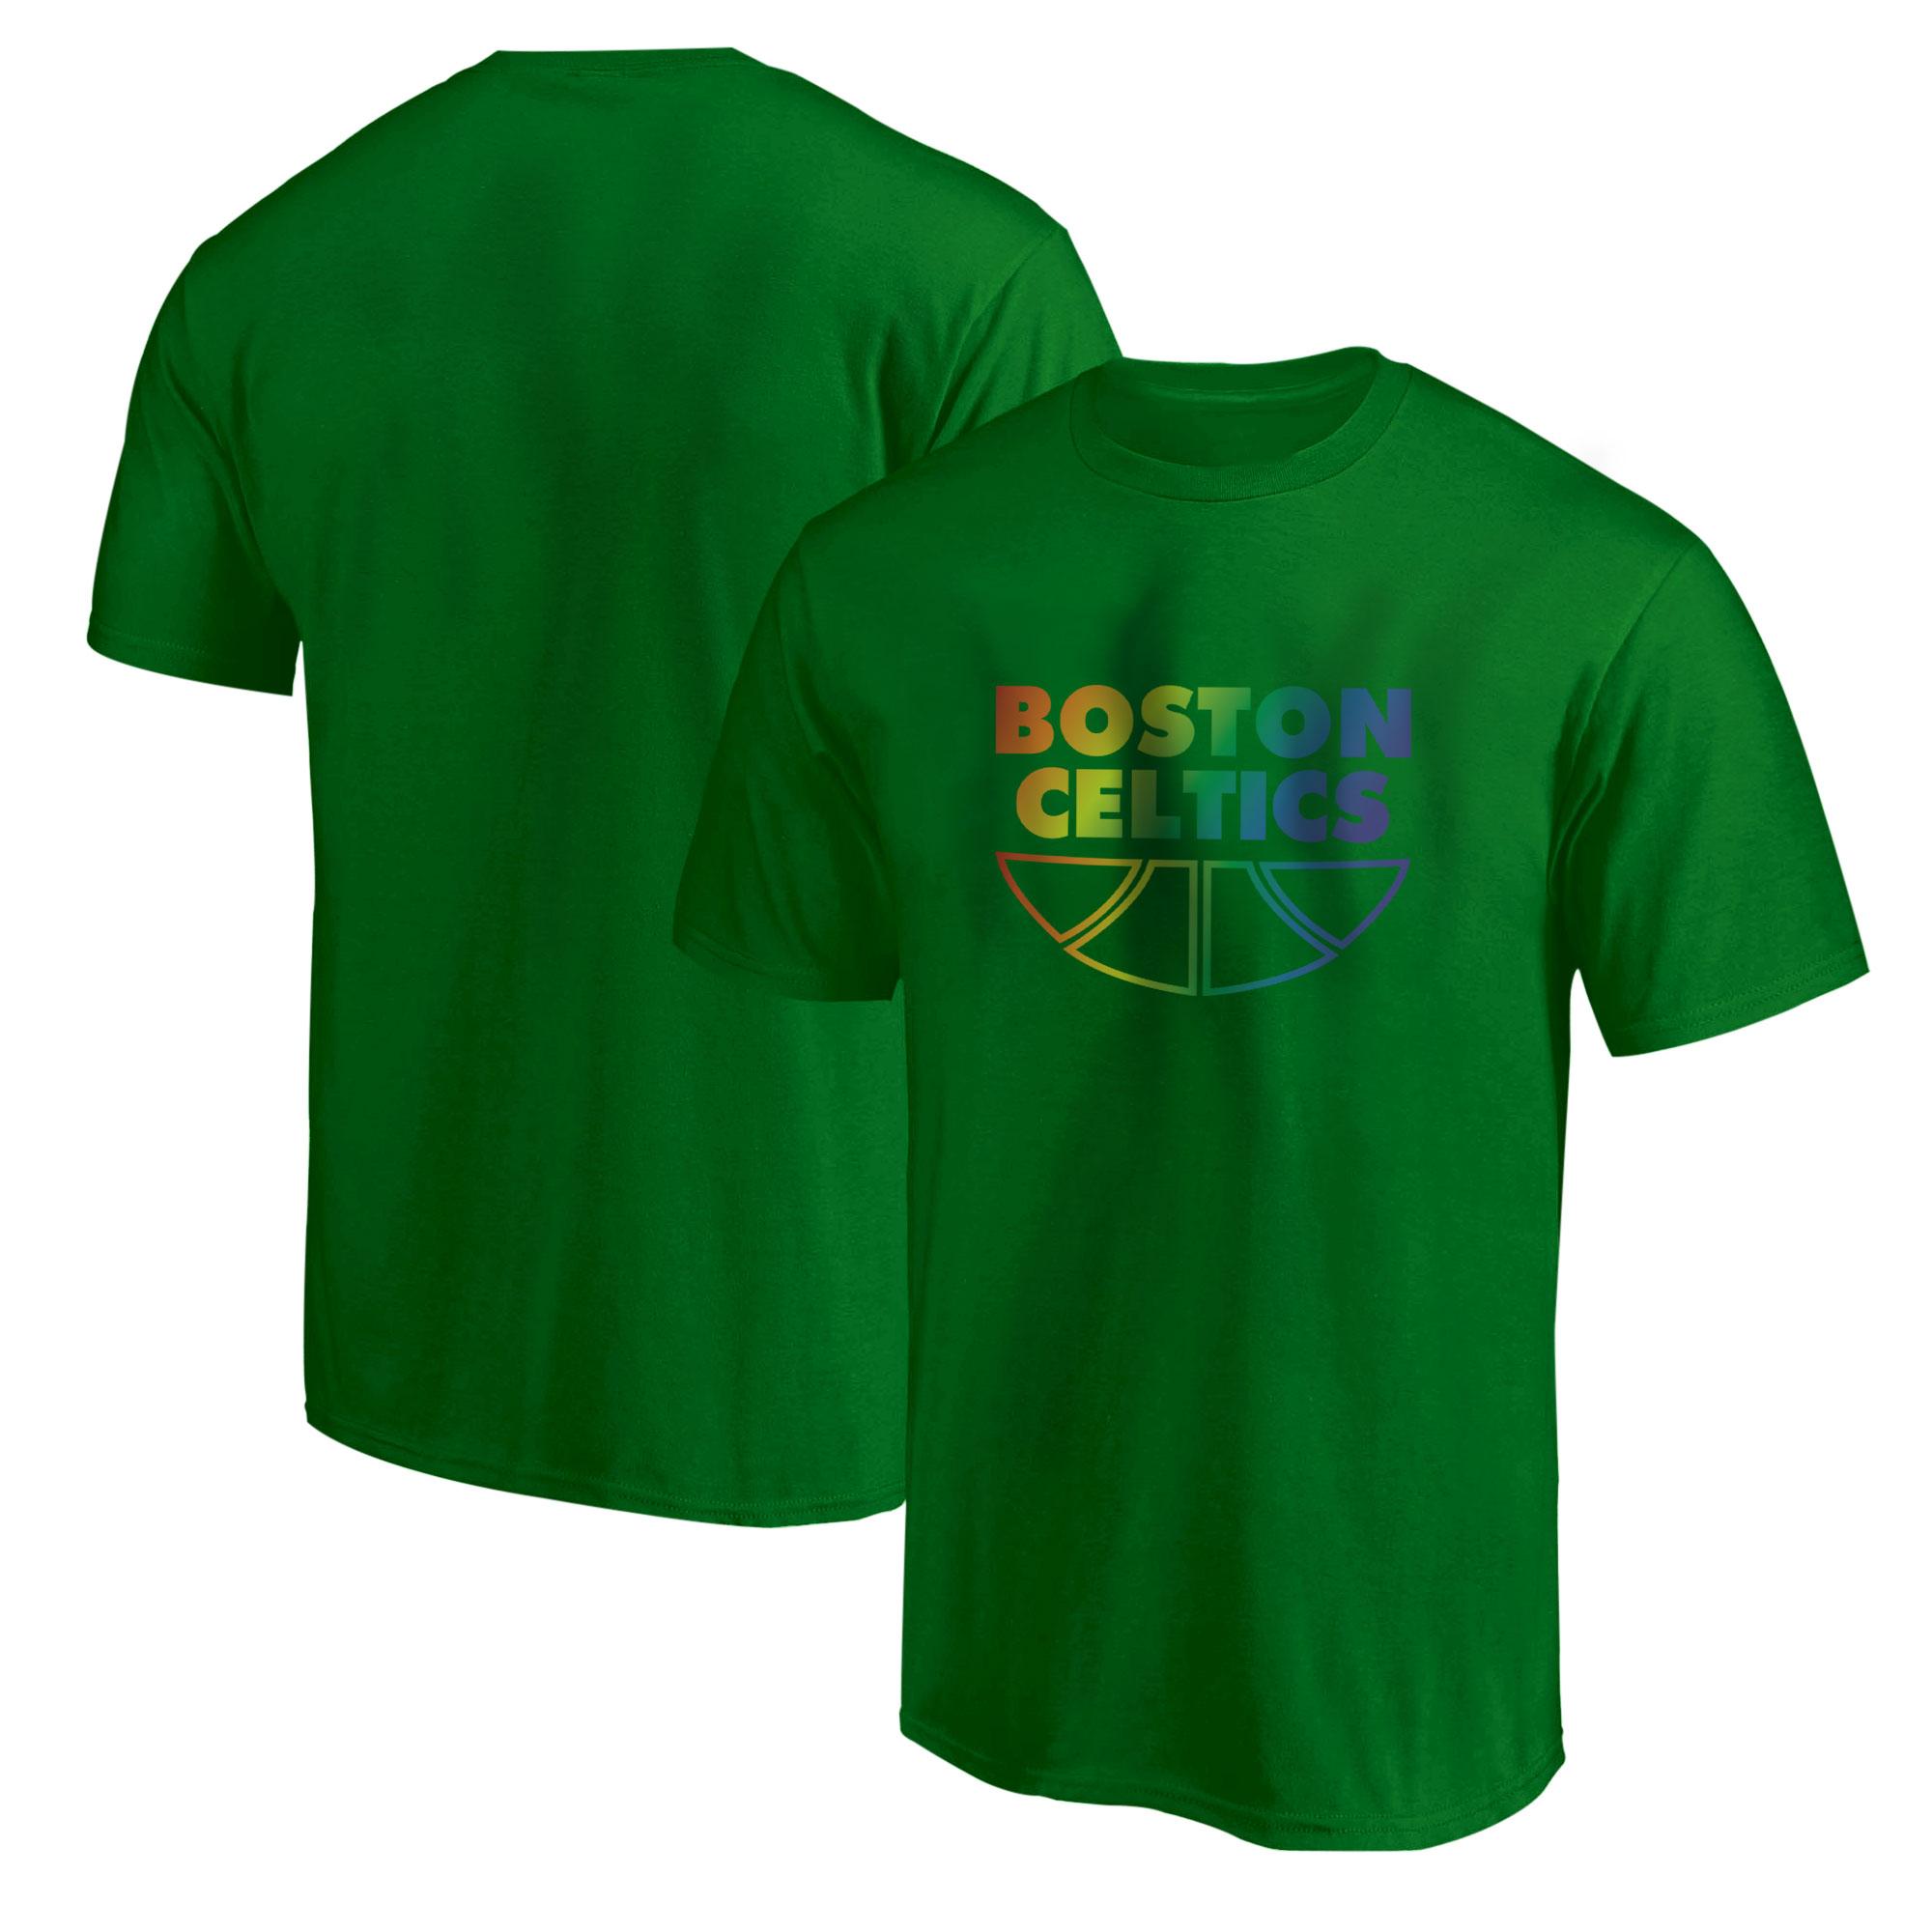 Boston Celtics Tshirt (TSH-GRN-503-NBA-MIL)